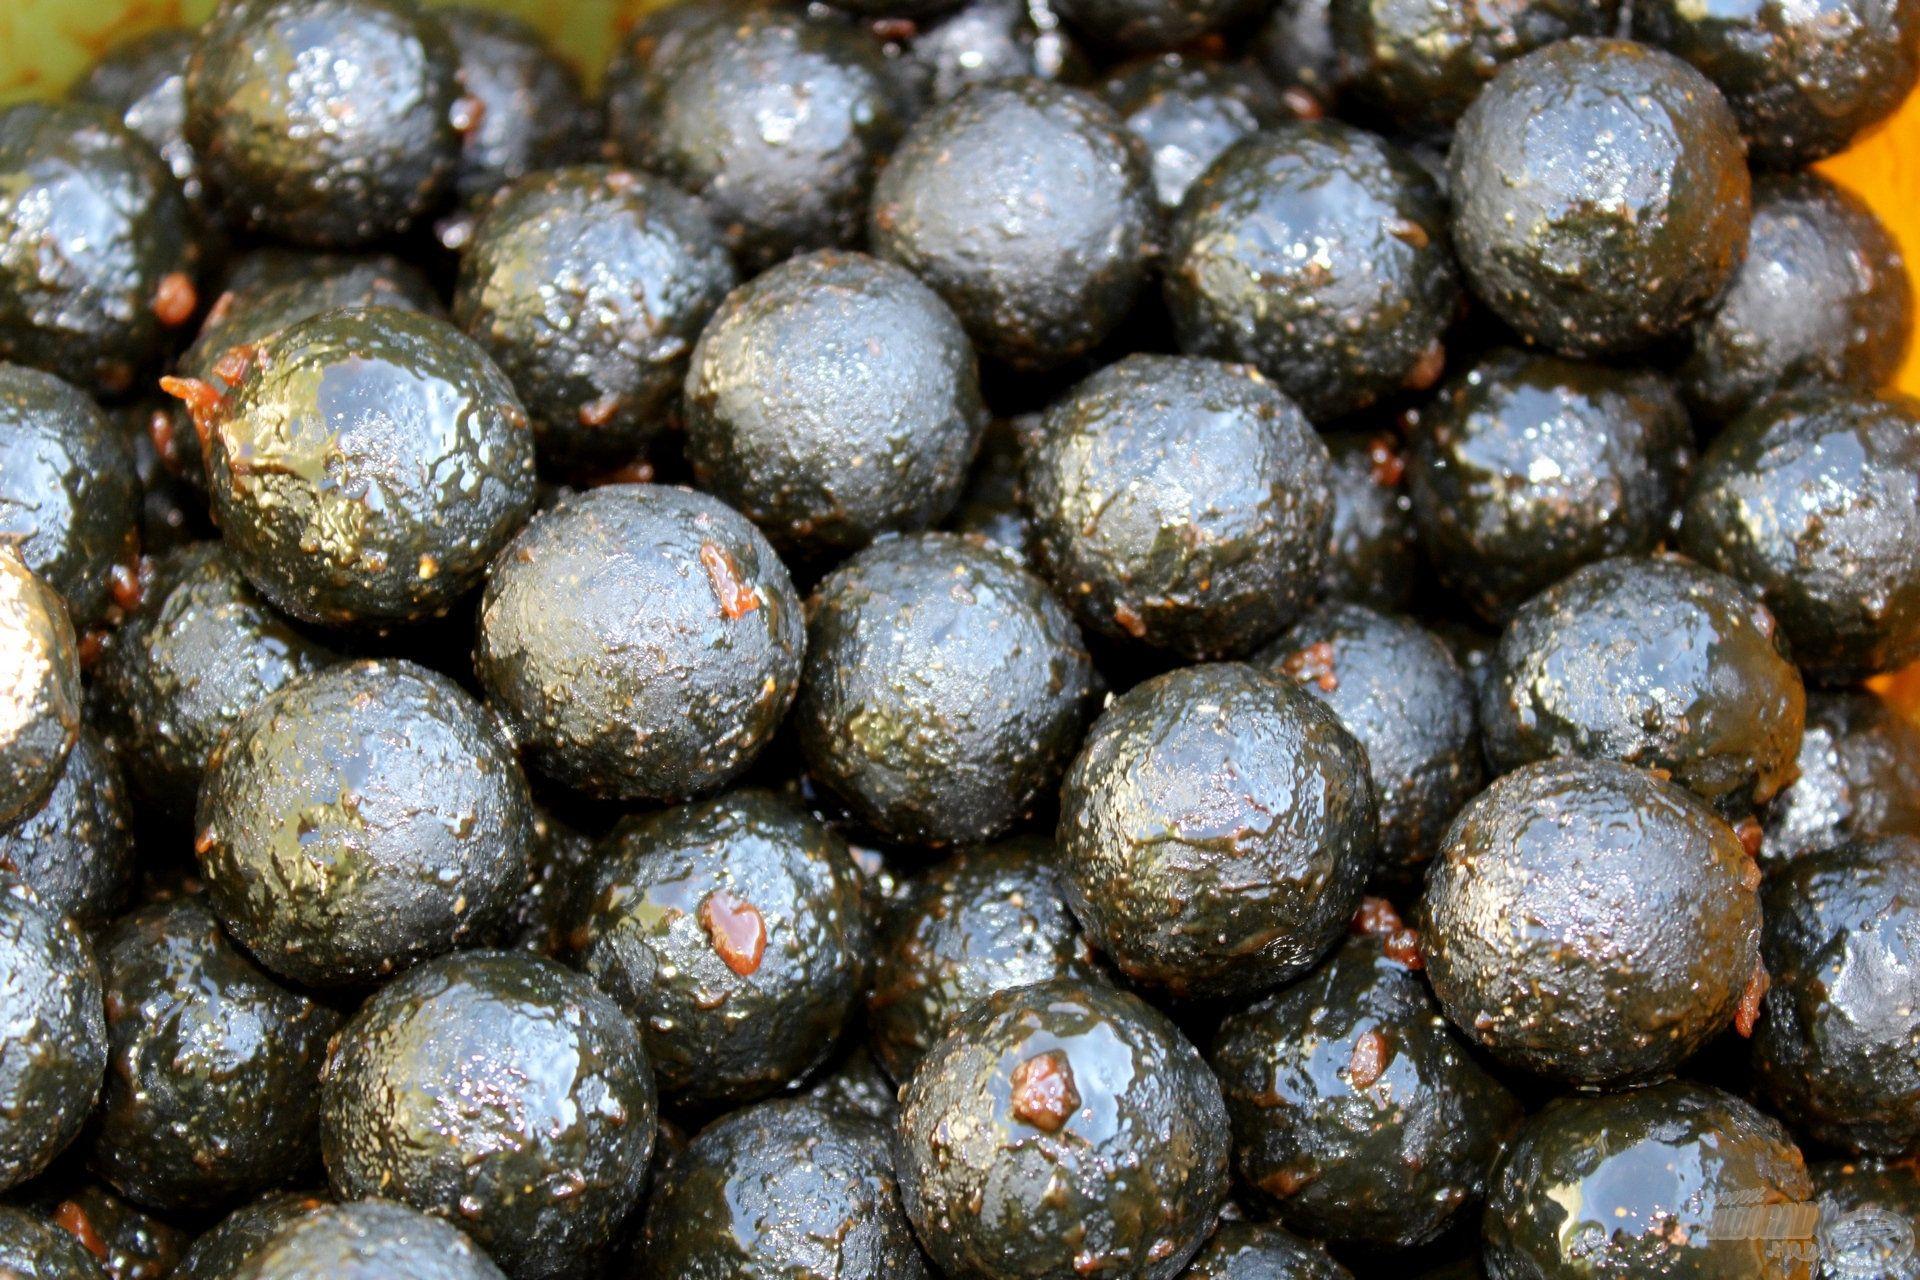 A Fekete Tintahalas bojli képezte etetésem magját és a csalit is